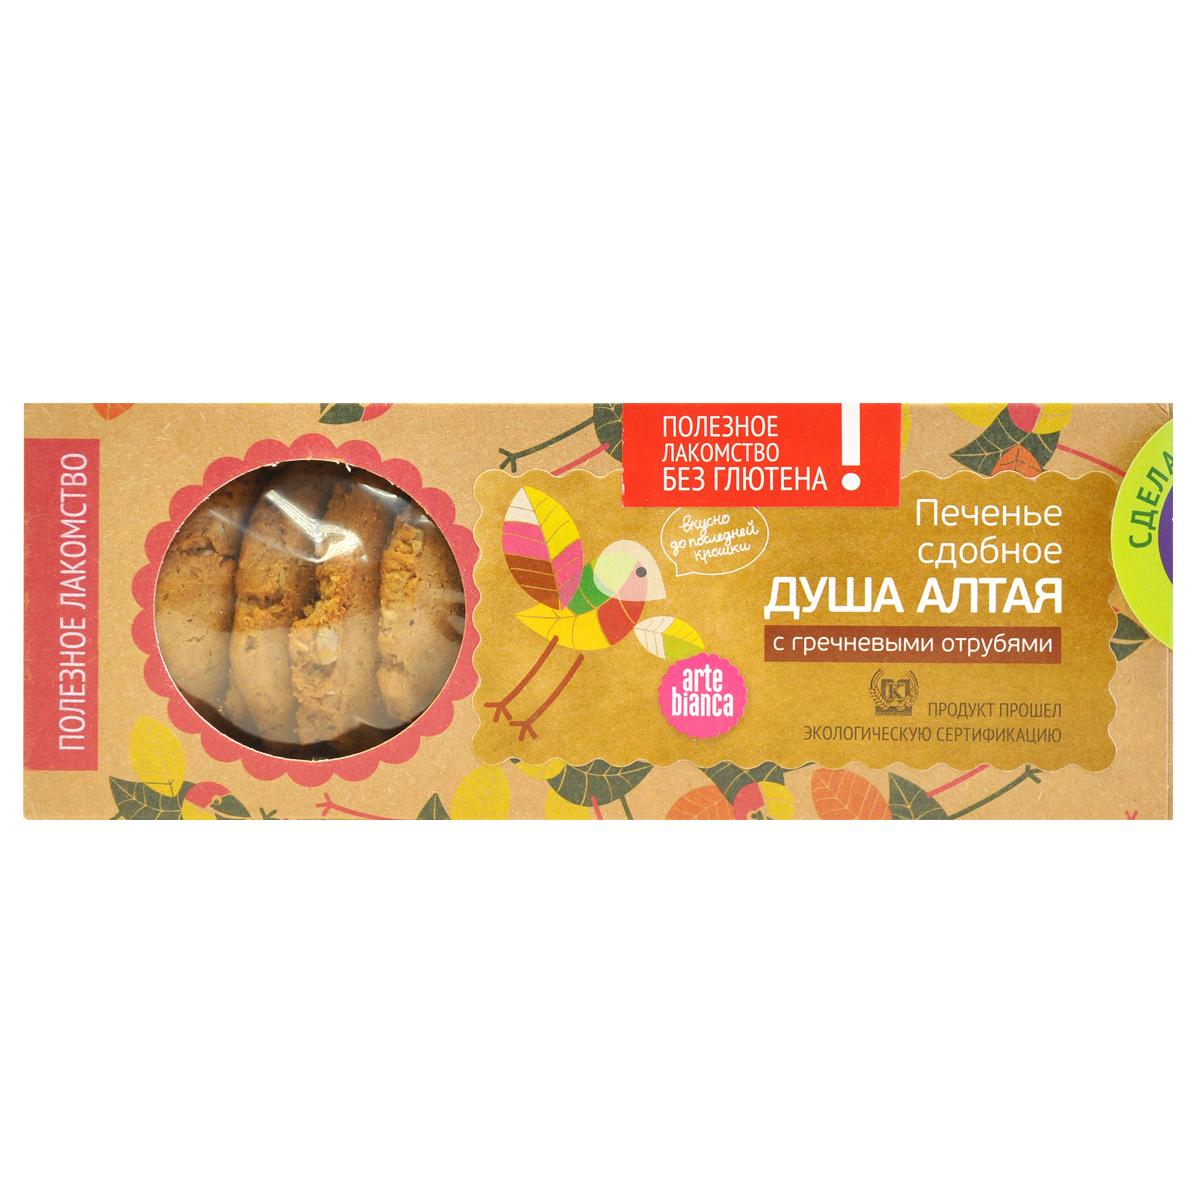 Печенье сдобное  Душа Алтая с гречневыми отрубями Arte Bianca 200 г